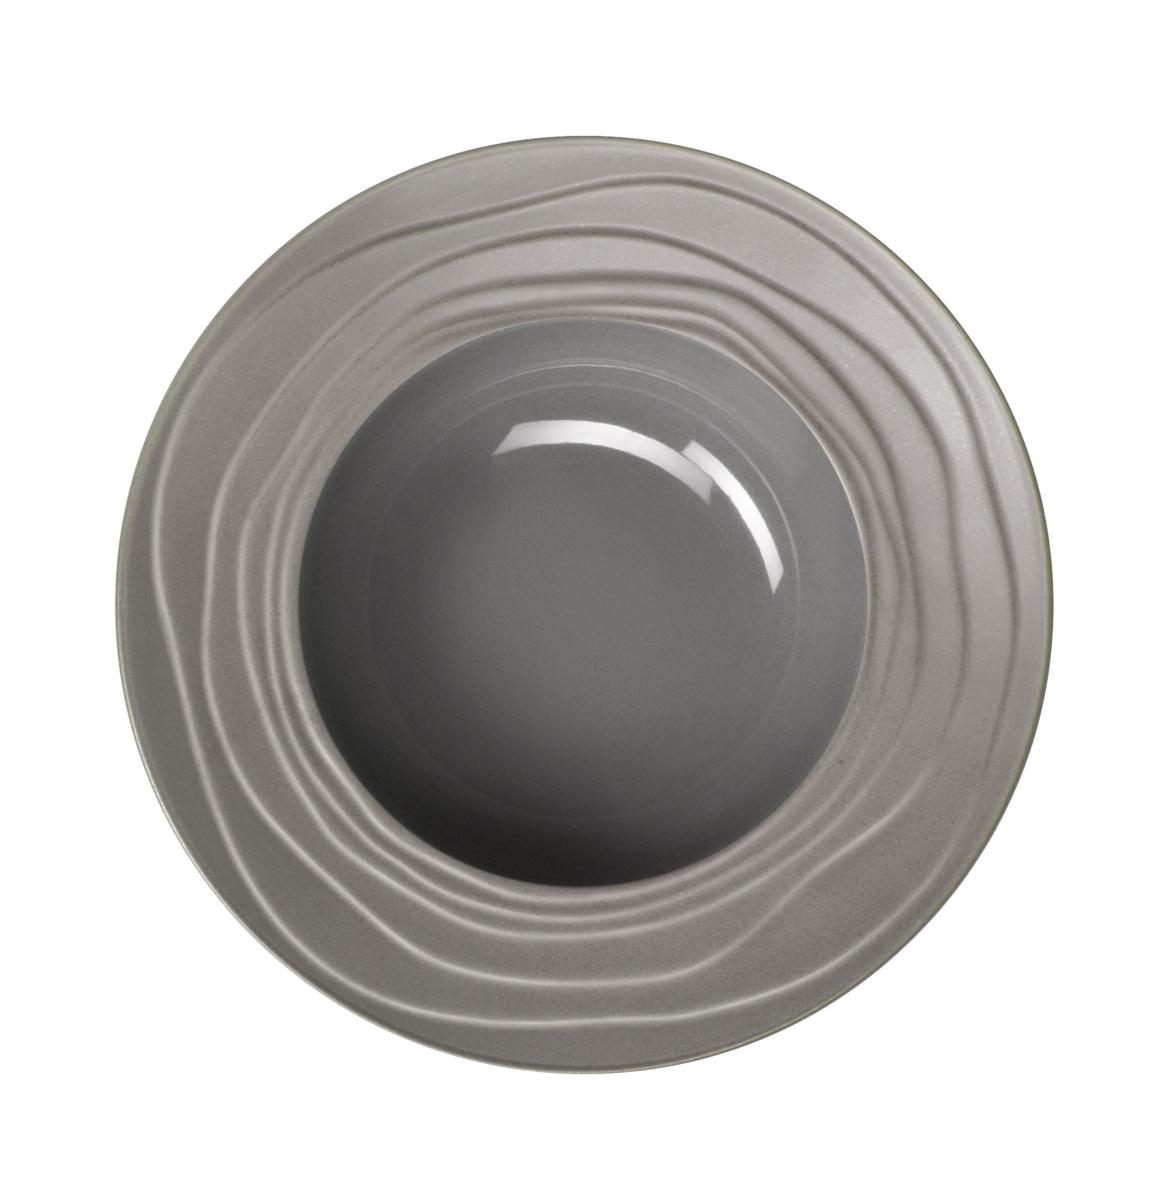 Assiette creuse ronde gris grès Ø 22,20 cm Escale Medard De Noblat